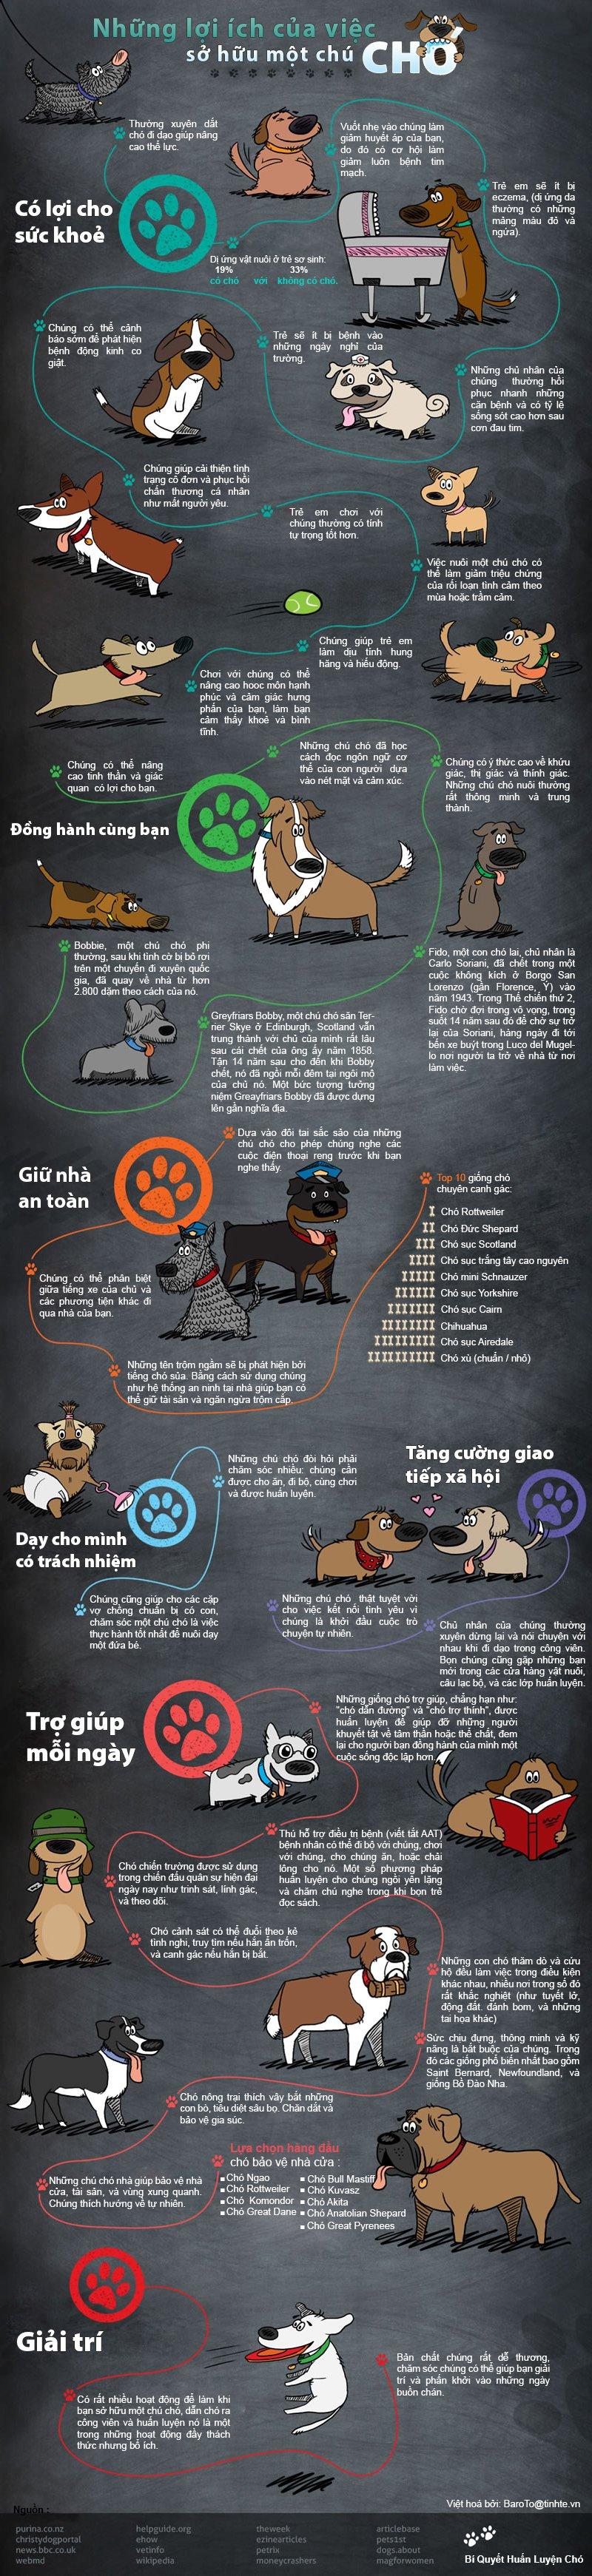 Infographic 38 lợi ích từ việc nuôi chó